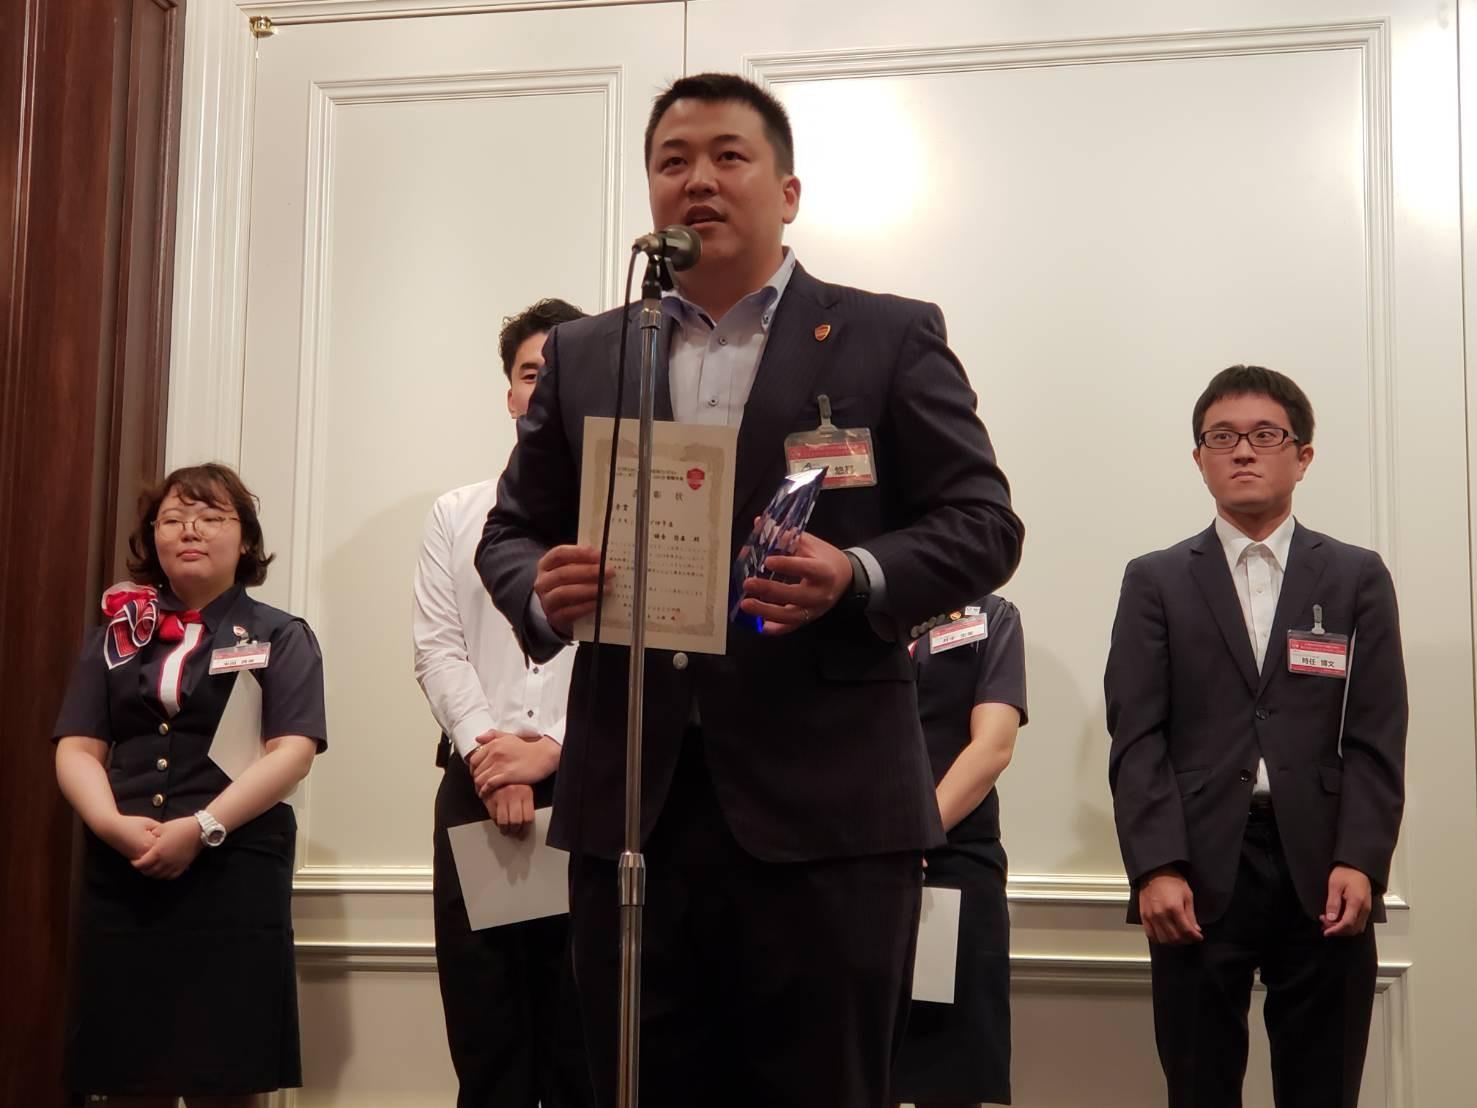 鎌倉さん表彰